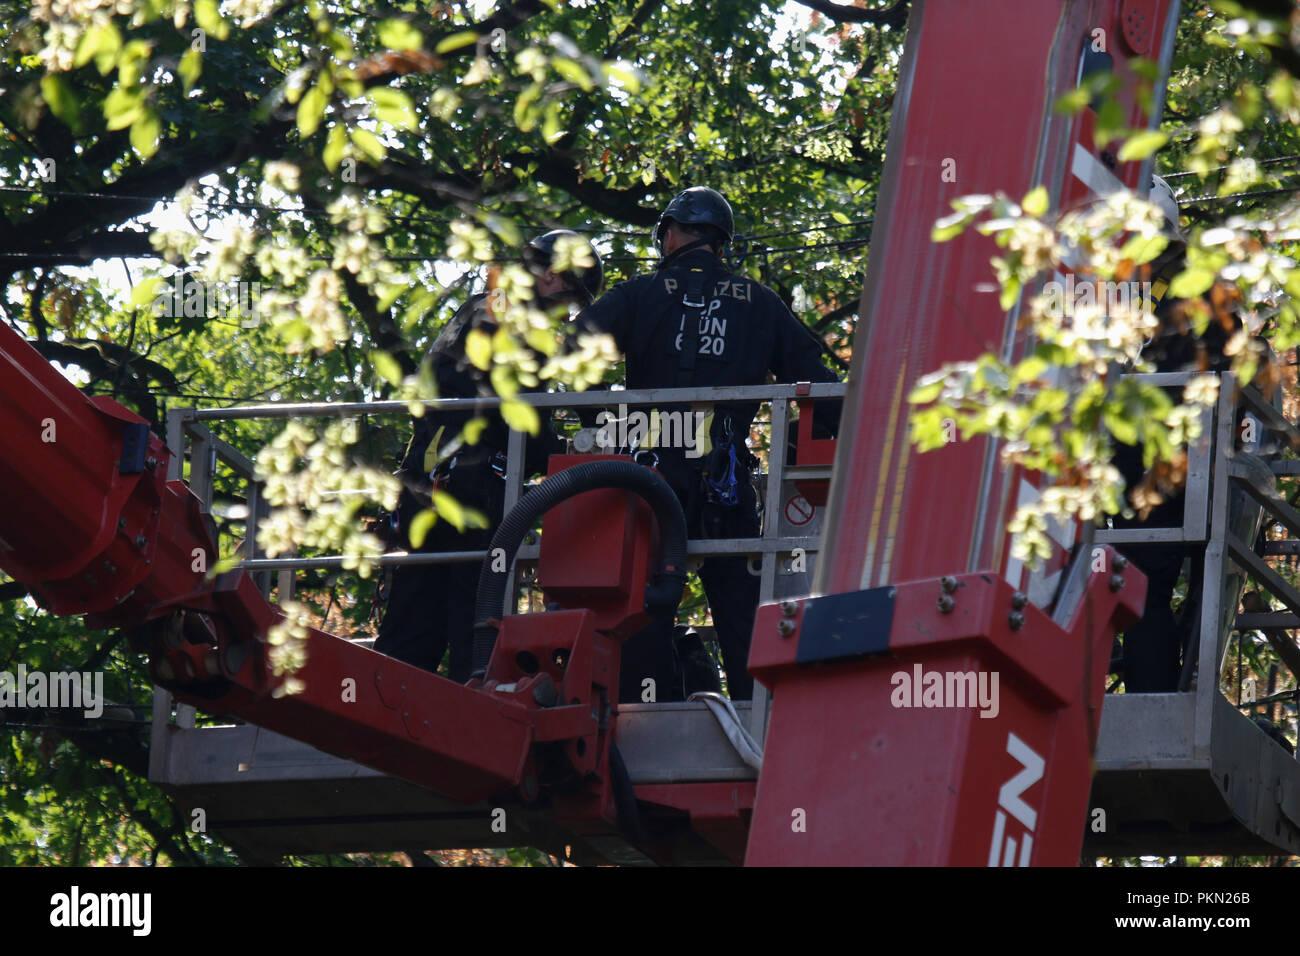 Forst Kletterausrüstung : Wald und holz nrw eröffnet forstlichen kletterwald in der eifel